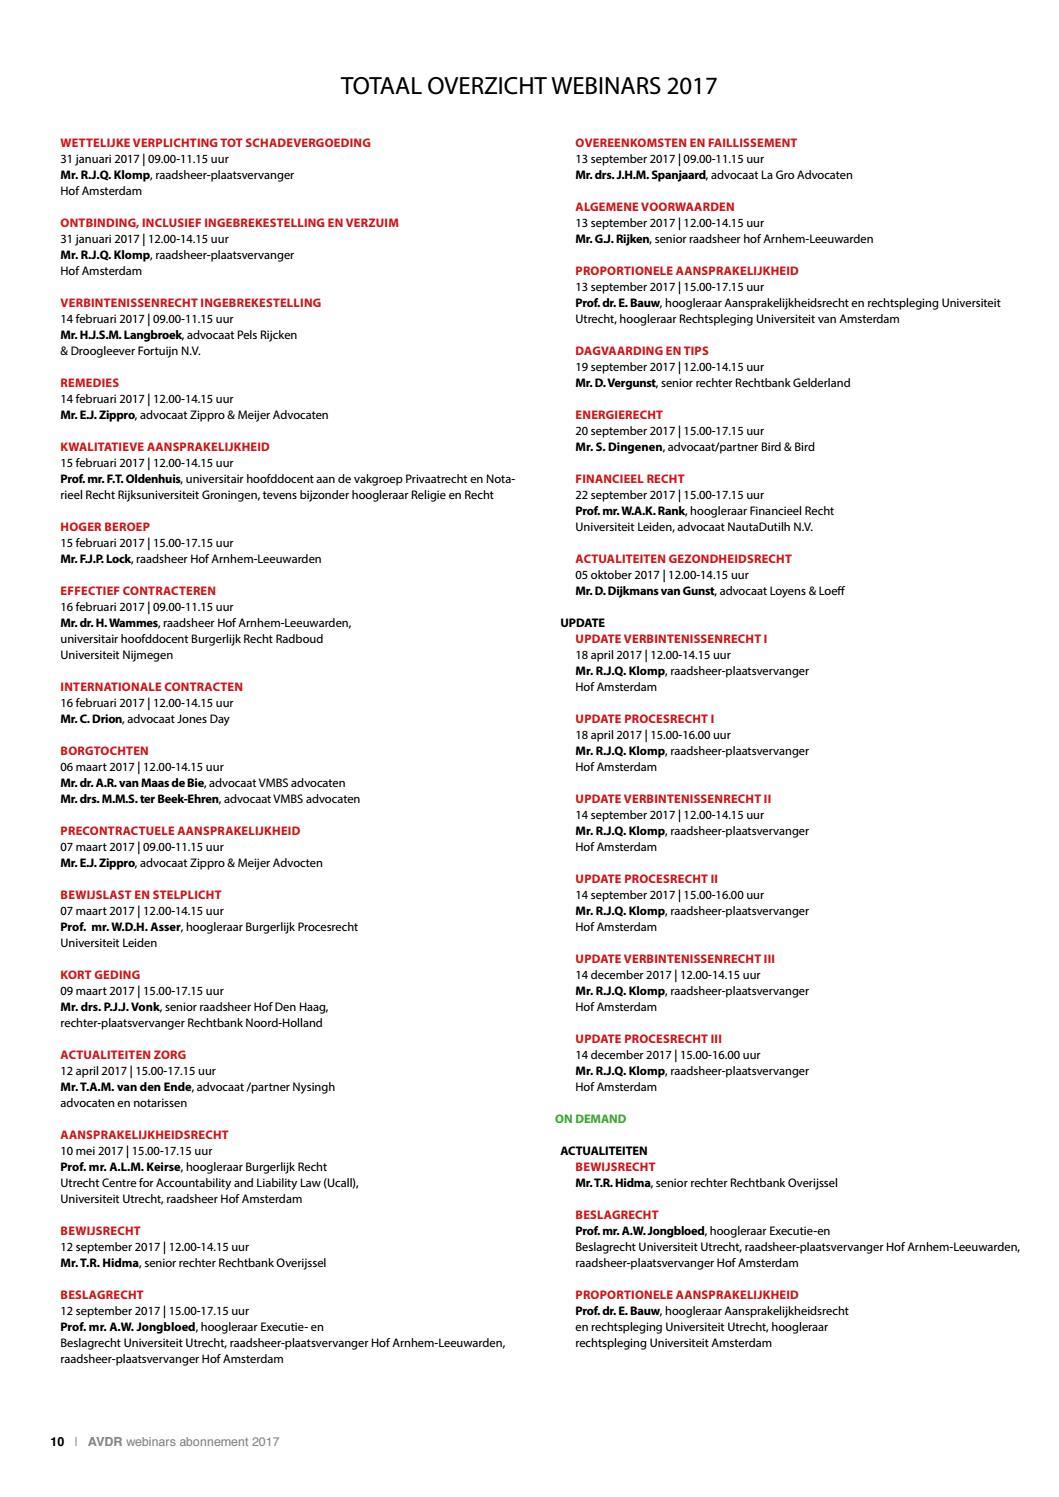 Corporate Webinars Abonnement 2017 By Academie Voor De